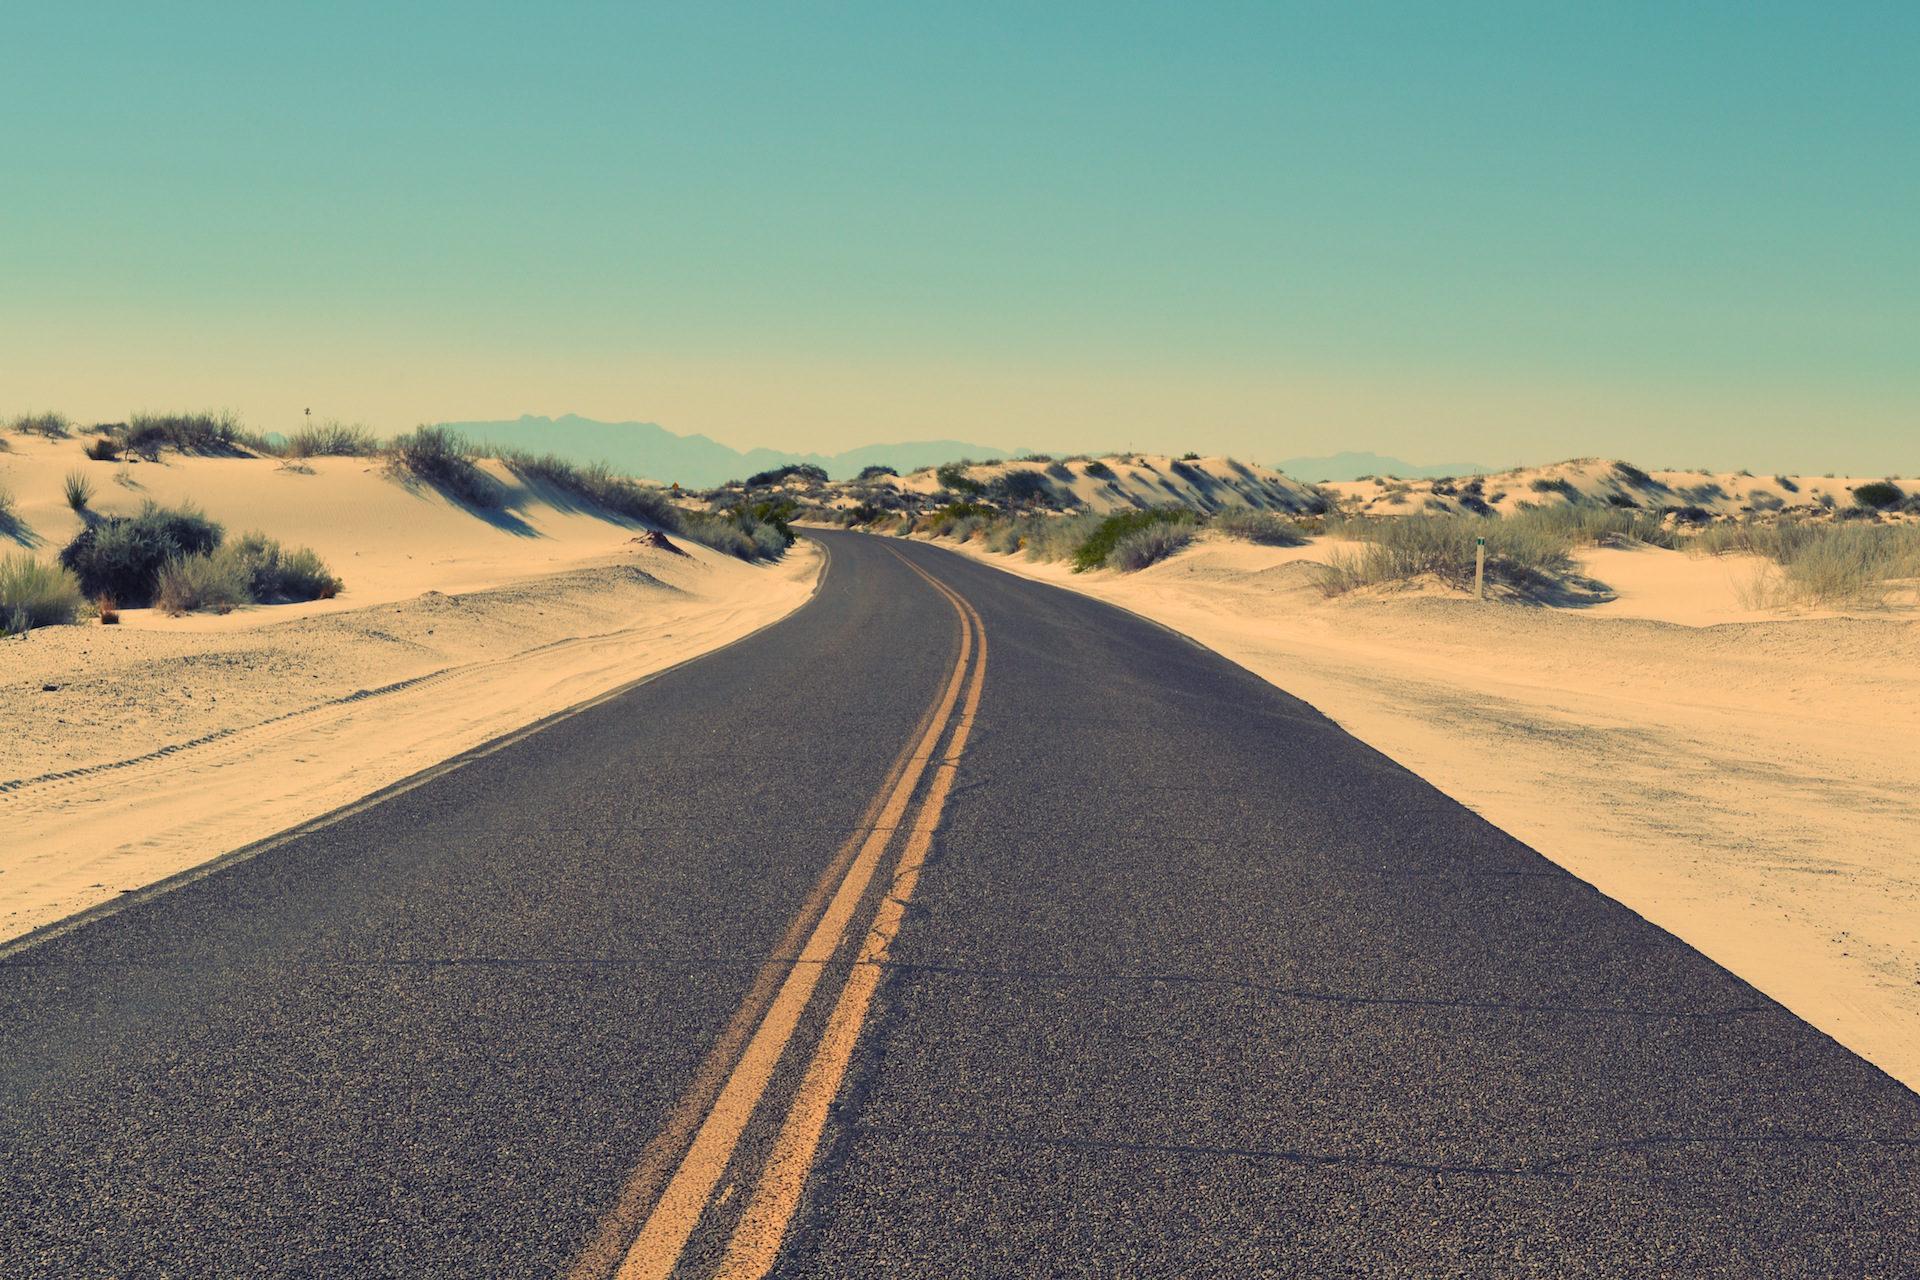 Route, asphalte, désert, sable, perdu - Fonds d'écran HD - Professor-falken.com